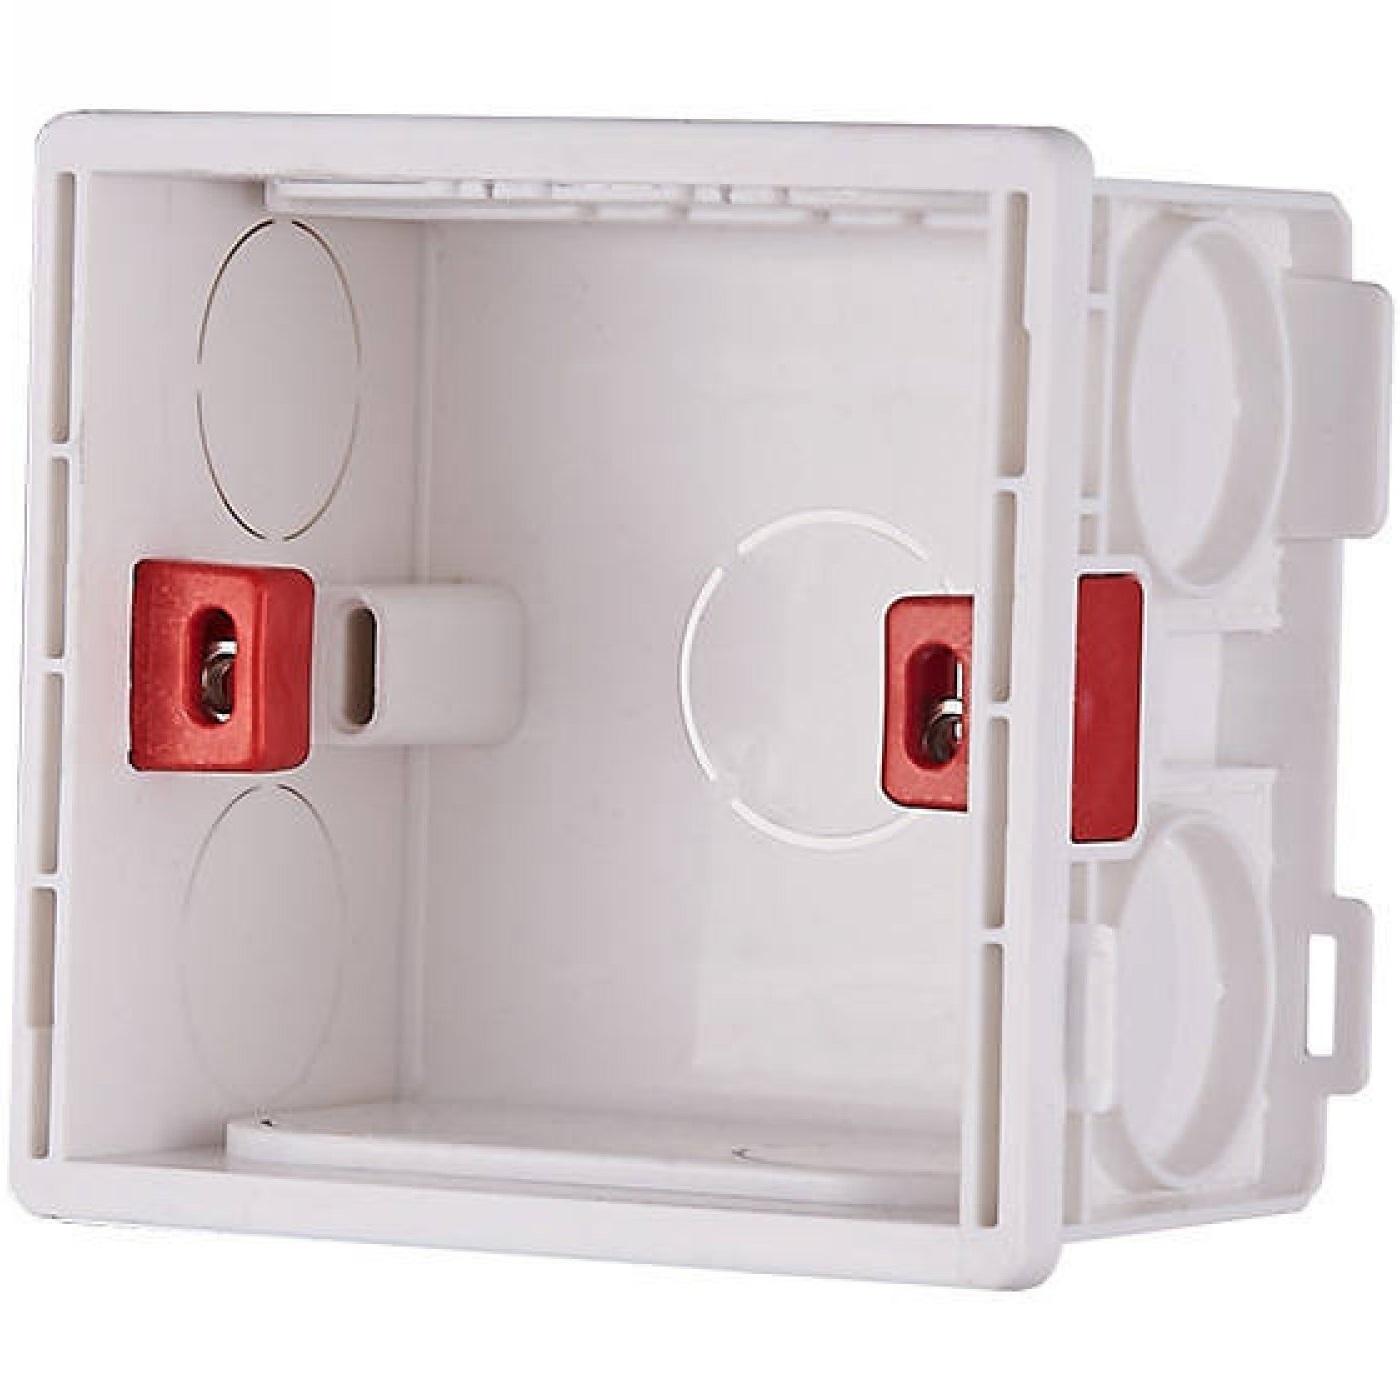 Монтажная коробка для выключателей Aqara MB001